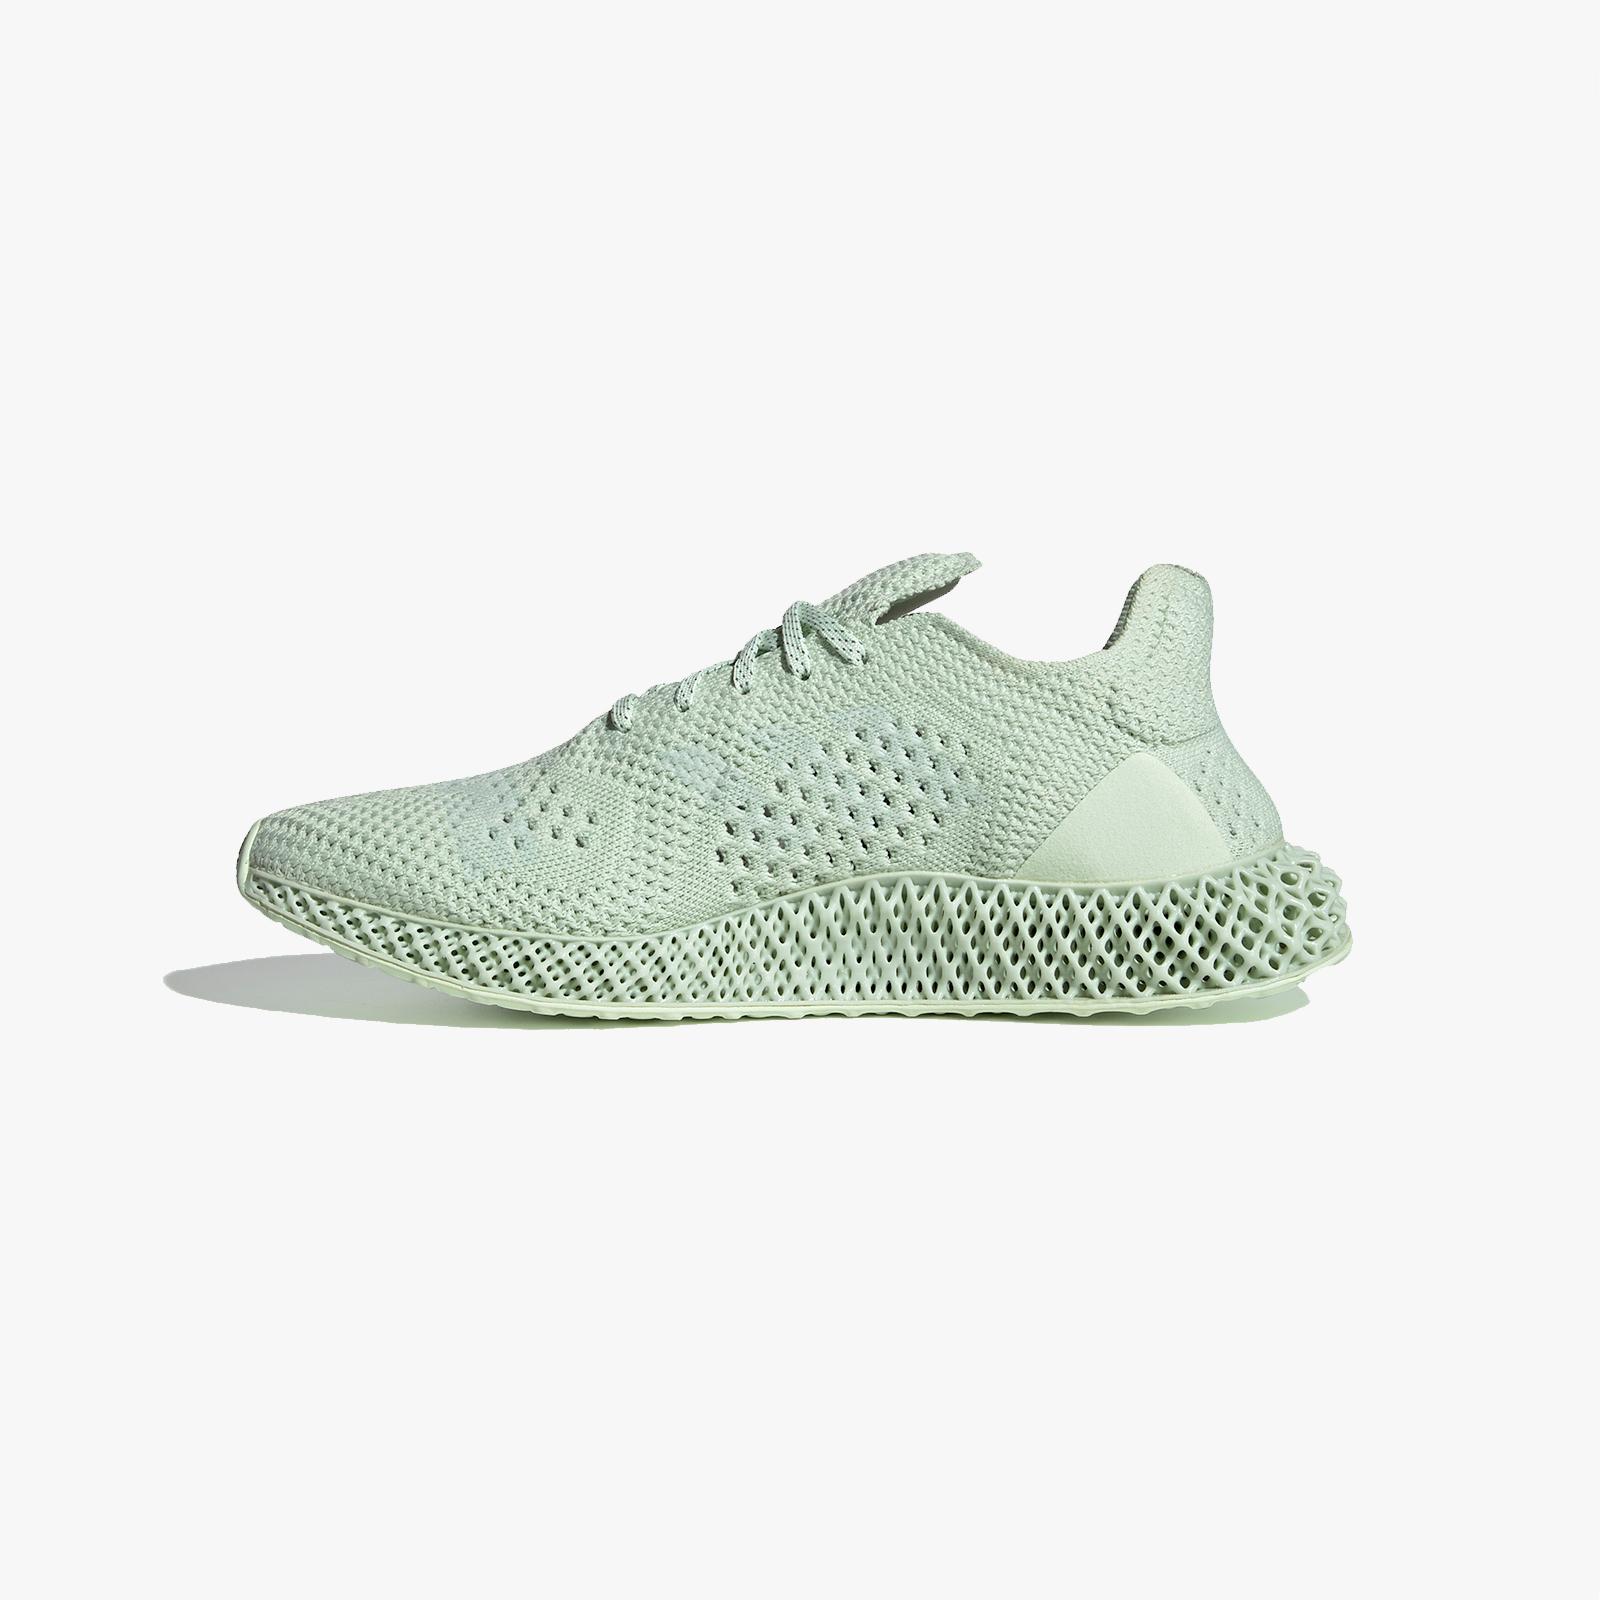 2b1b82b37601fc adidas Future Runner 4D x Daniel Arsham - Bd7400 - Sneakersnstuff ...